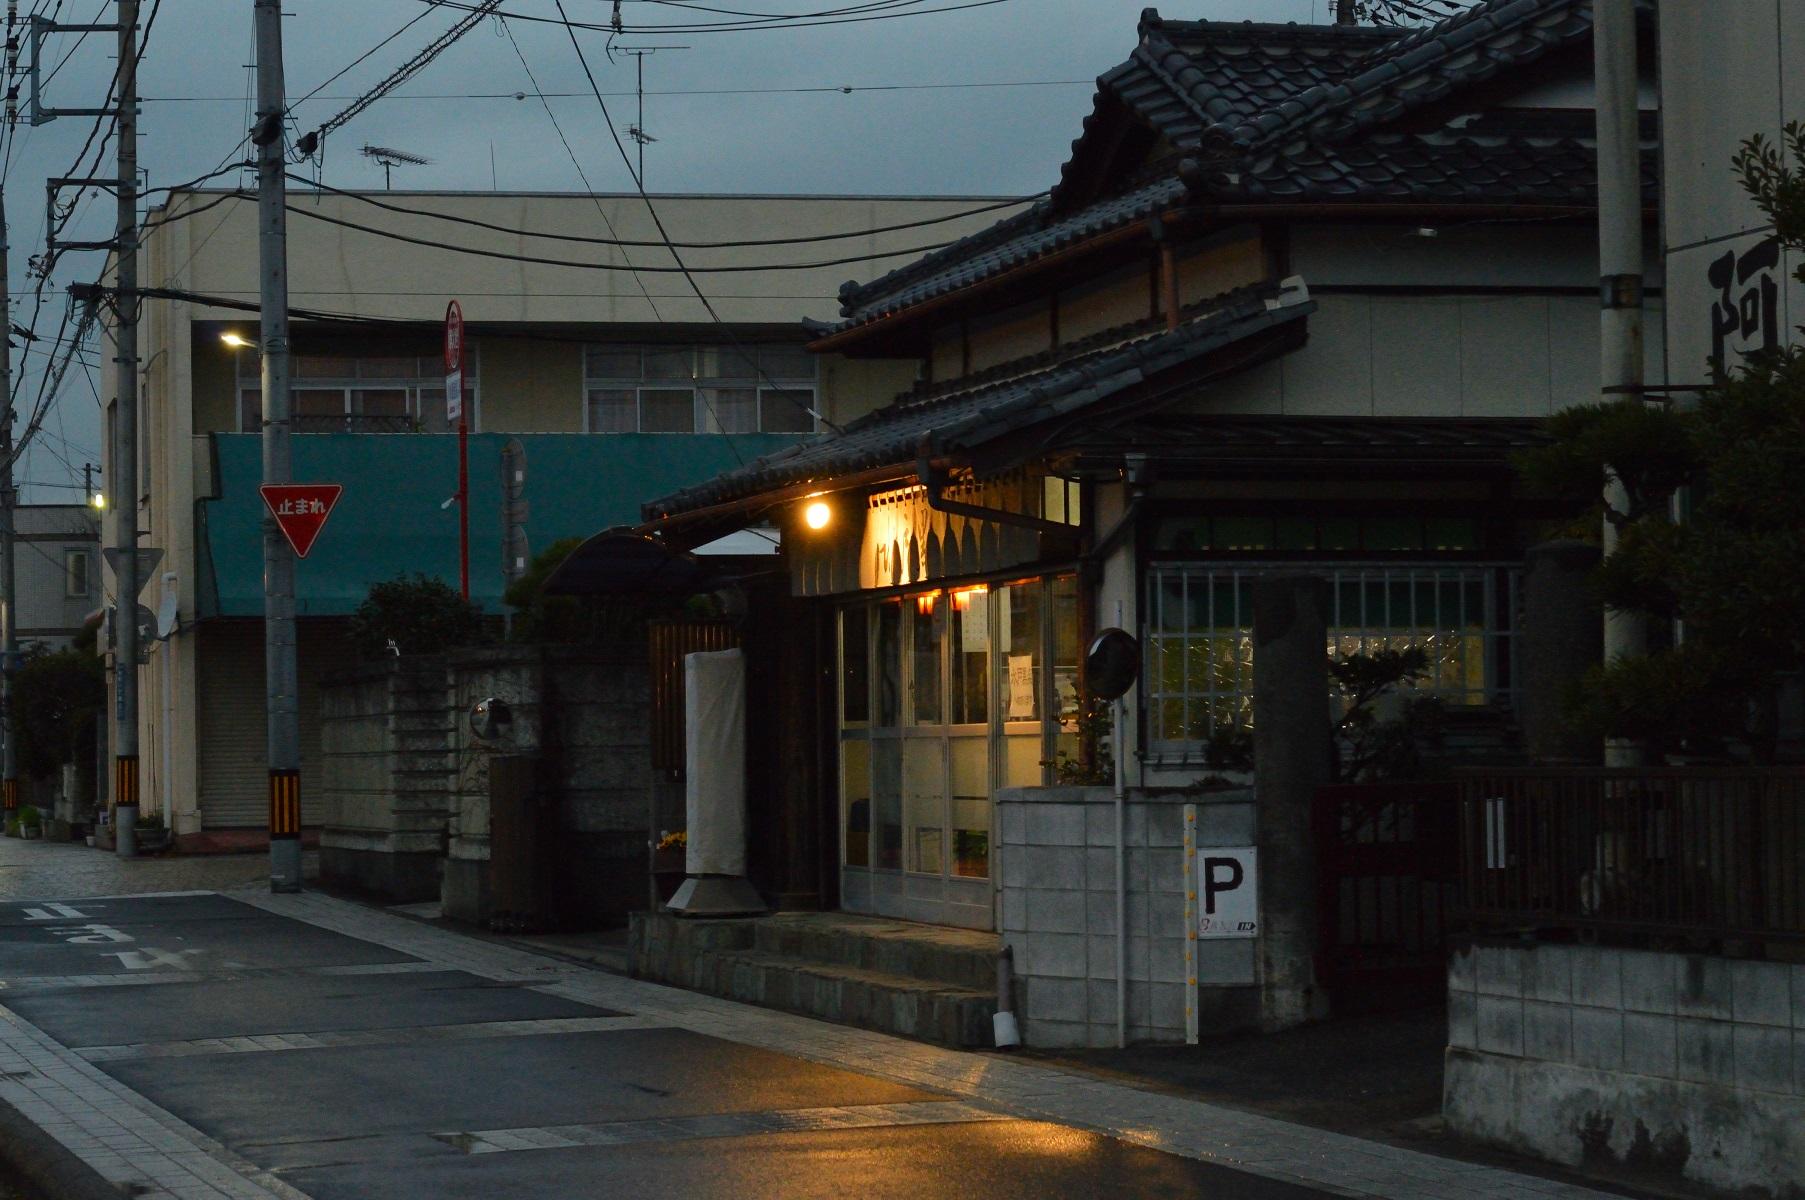 茨城県水戸市 鳥半 夜 外観 (5)